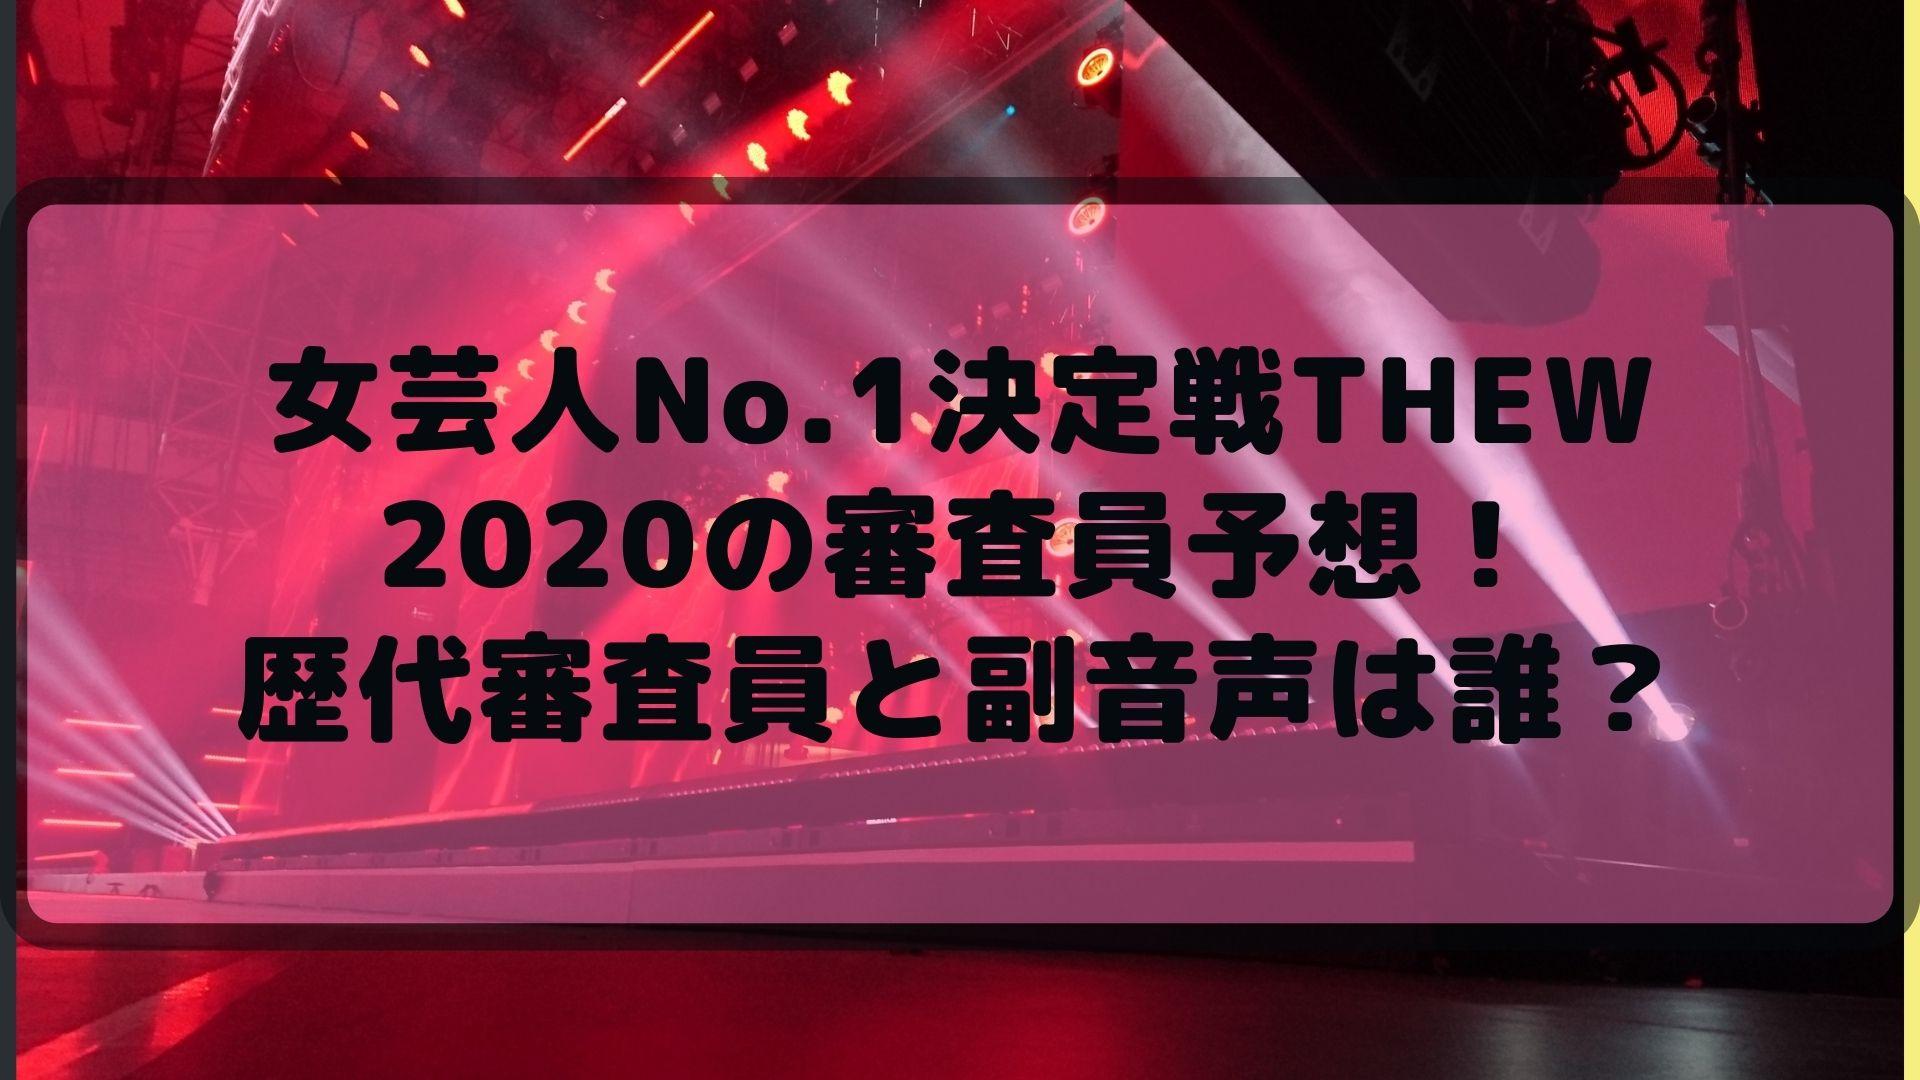 女芸人No.1決定戦THEW(ザダブリュー)2020の審査員予想!歴代審査員と副音声は誰?タイトル画像